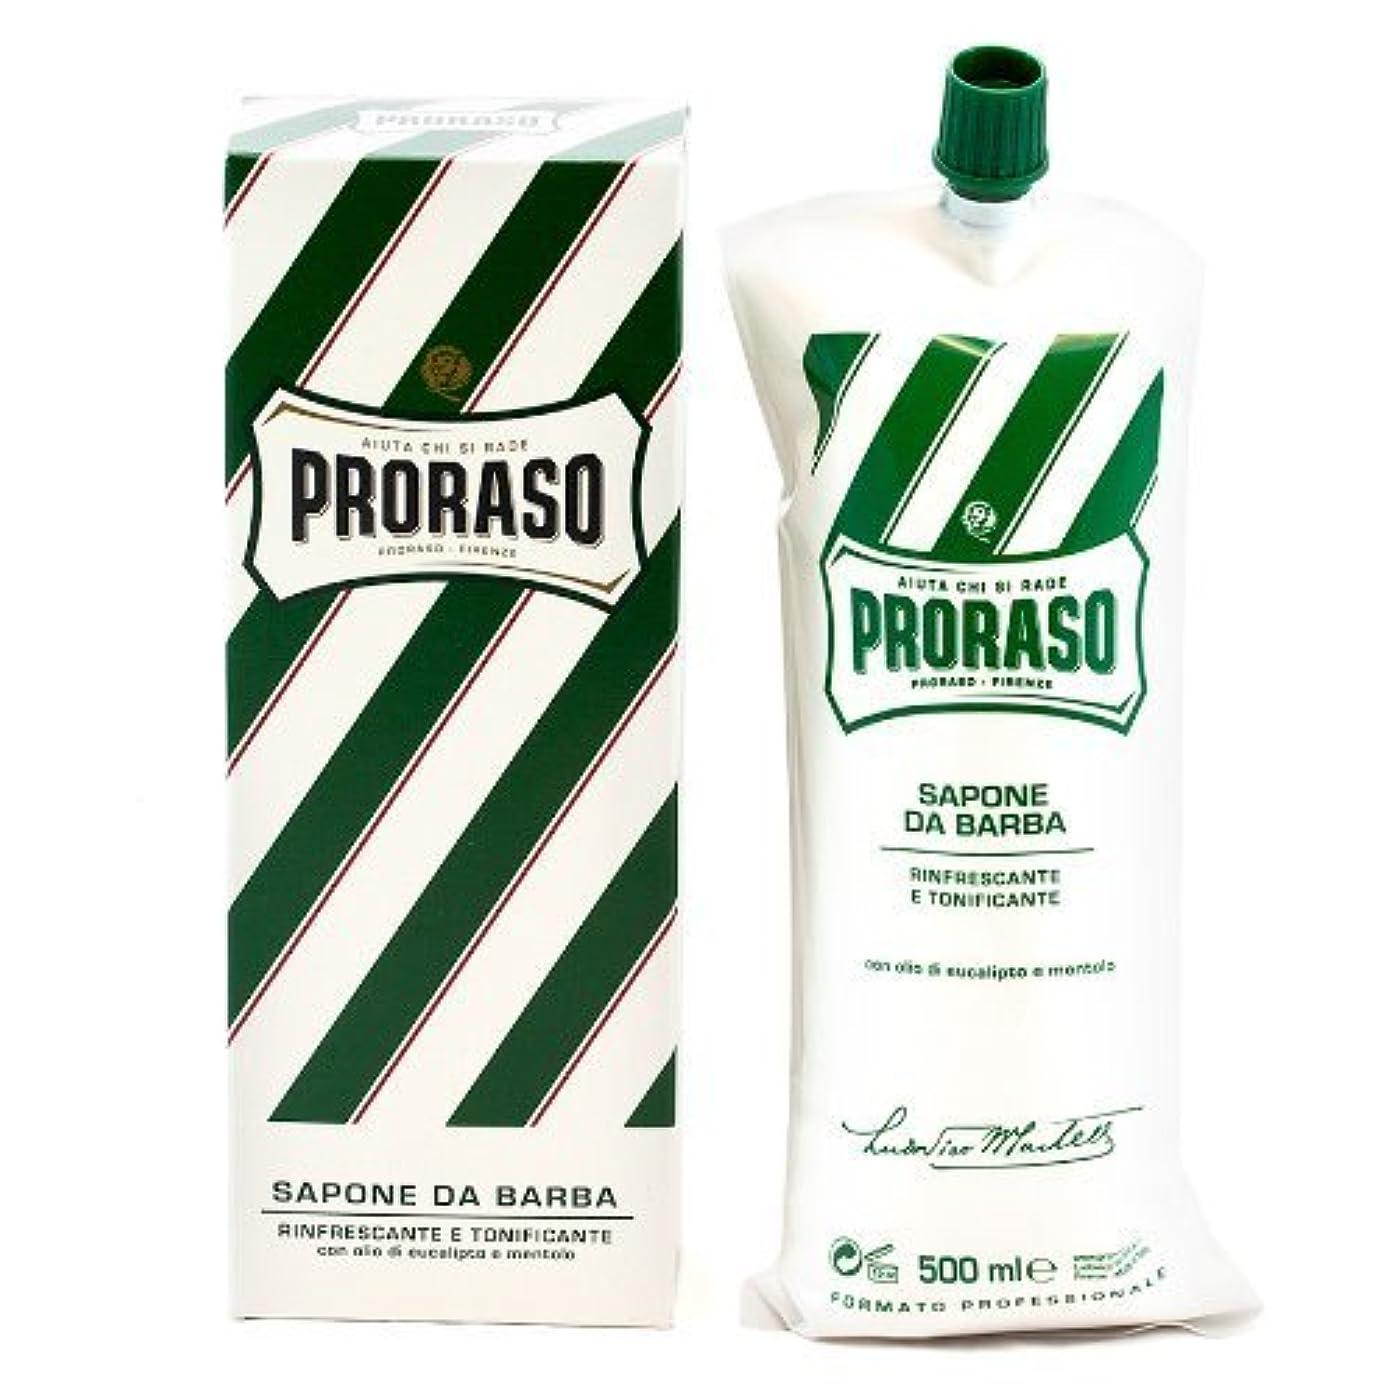 承知しました絶対に教師の日Proraso Shave Cream Menthol & Eucalyptus 500ml Tube by Proraso [並行輸入品]